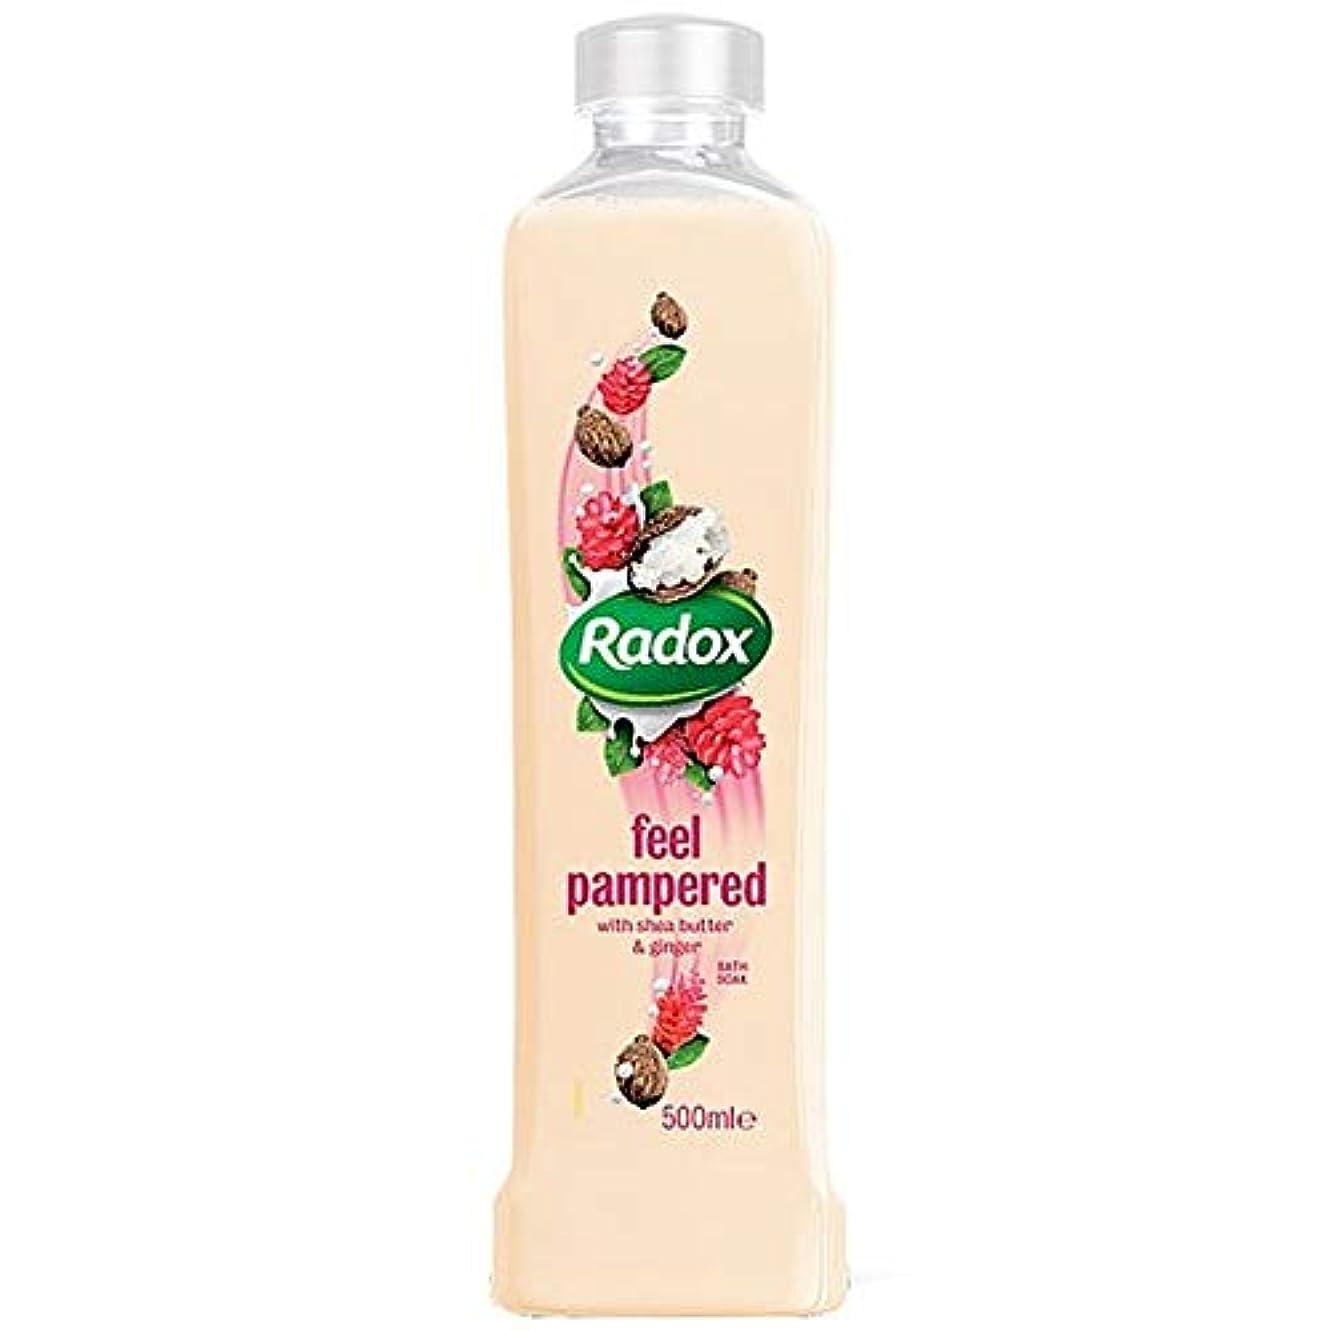 測定可能トマト不安[Radox] Radoxは、500ミリリットルのソーク甘やかさ風呂を感じます - Radox Feel Pampered Bath Soak 500Ml [並行輸入品]